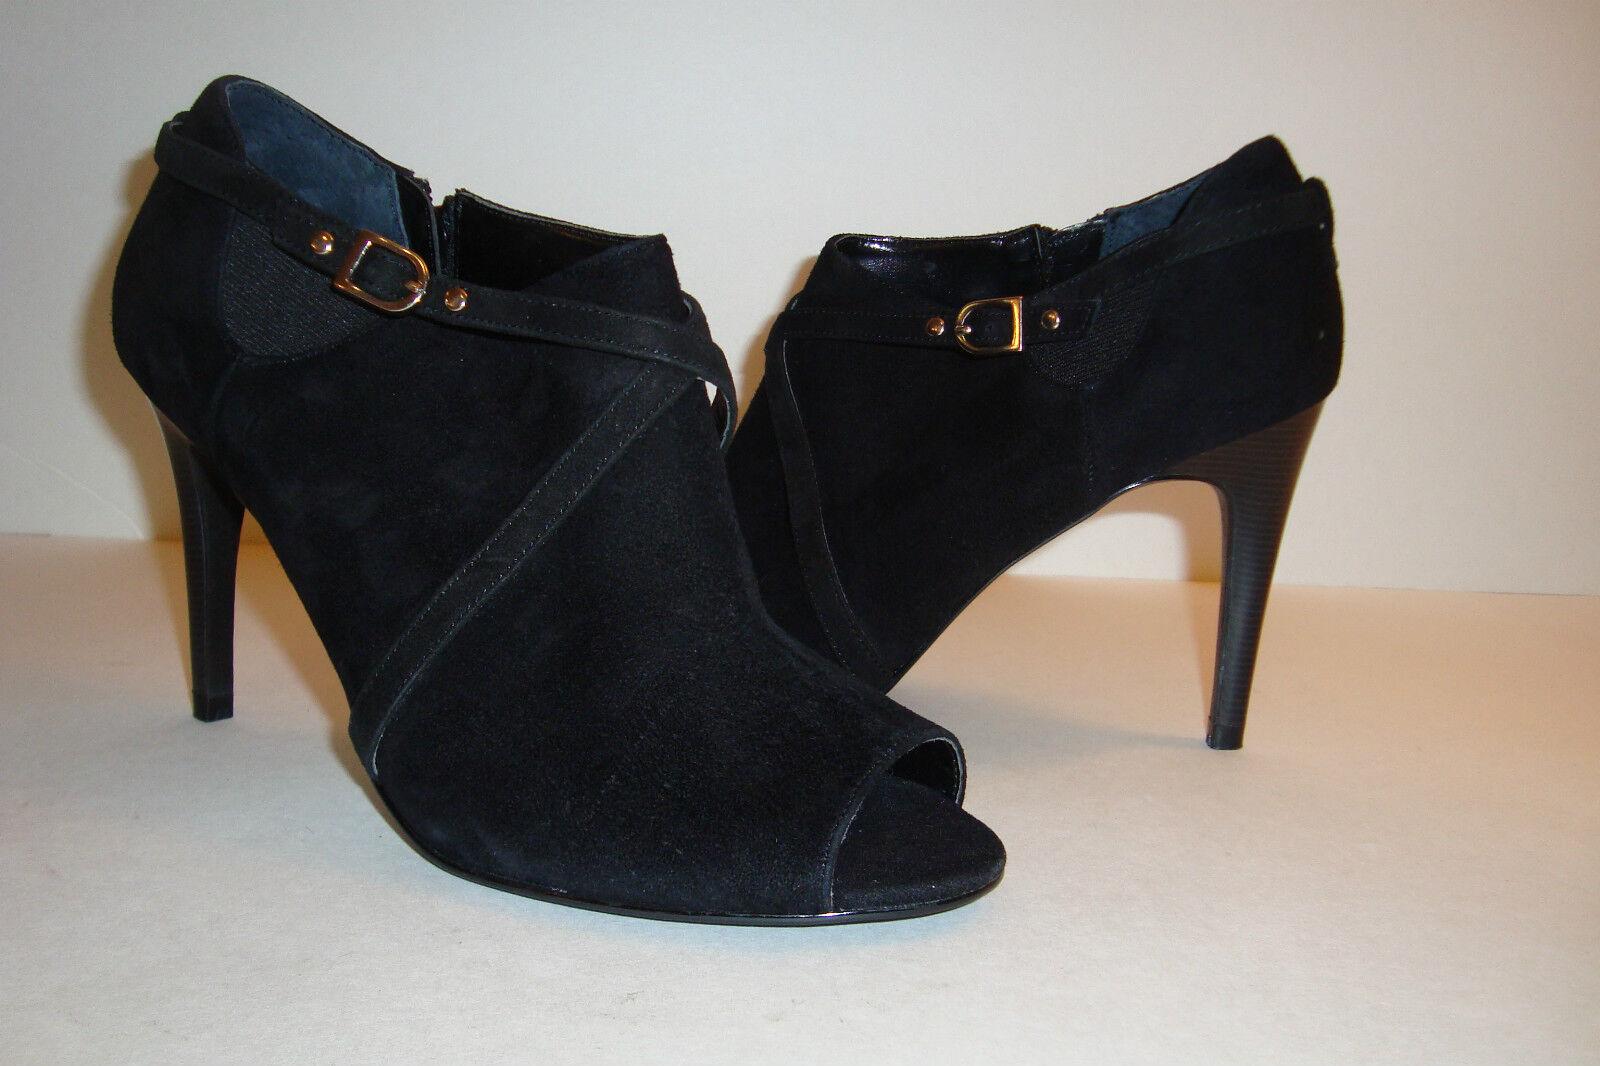 Alfani Alfani Alfani Damenschuhe NWOB Dublin Open Toe Heels Schuhes 7.5 MED NEW 8c7182